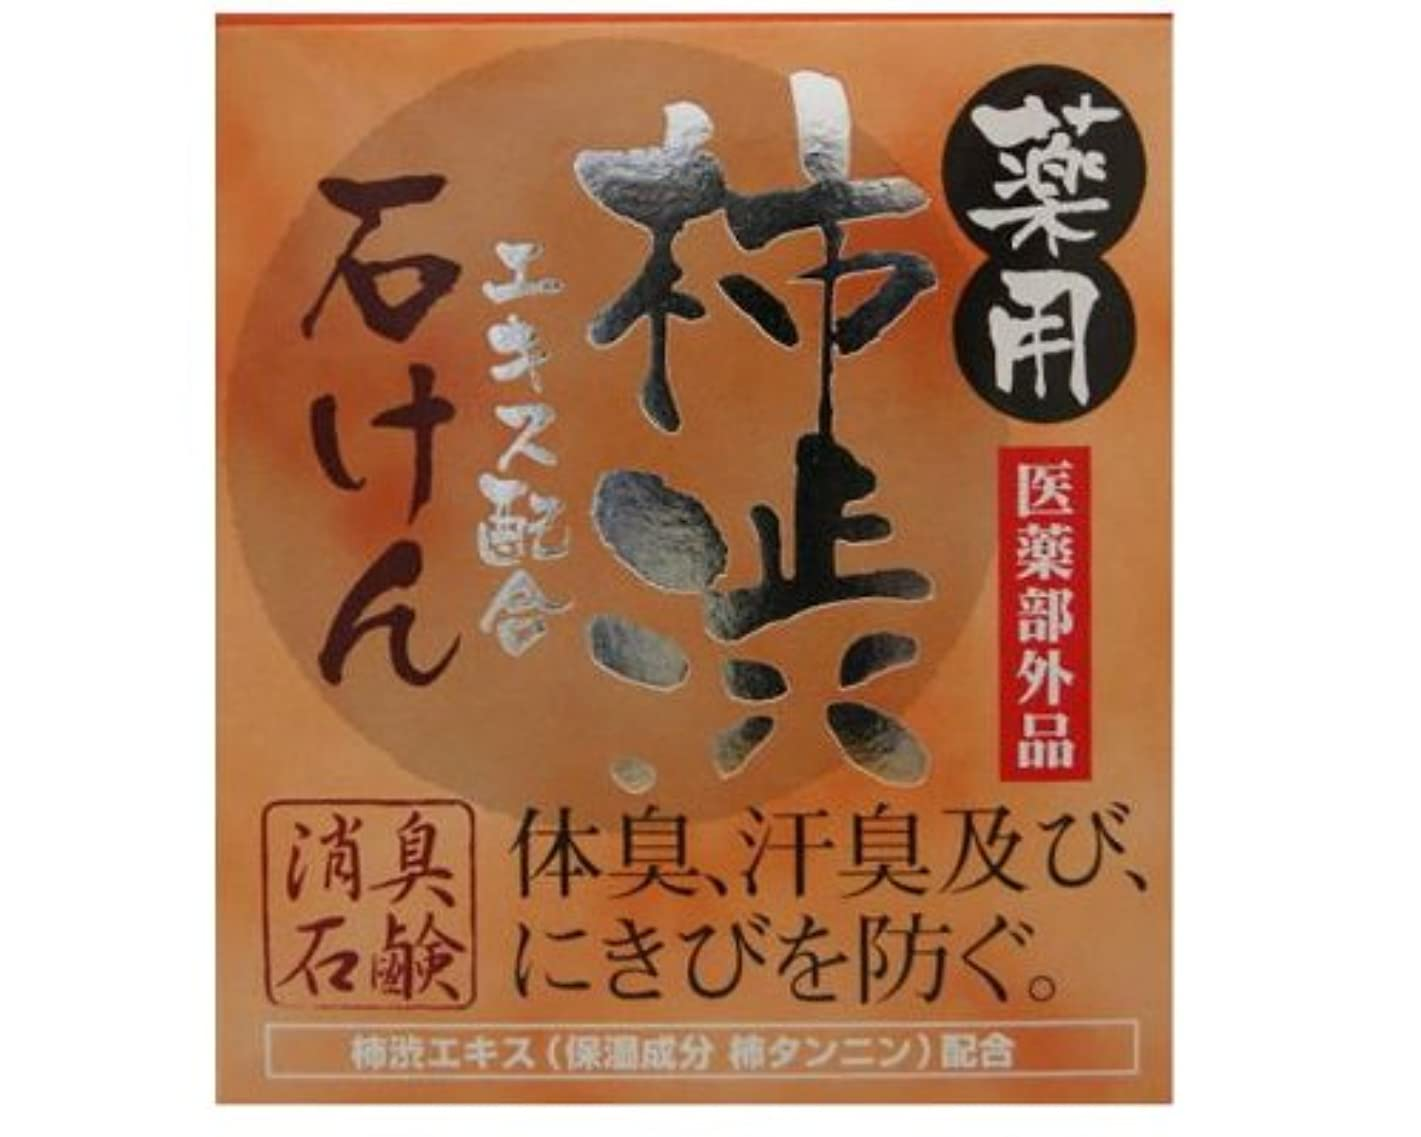 進捗教室倍増薬用柿渋 石けん 100g 【医薬部外品】